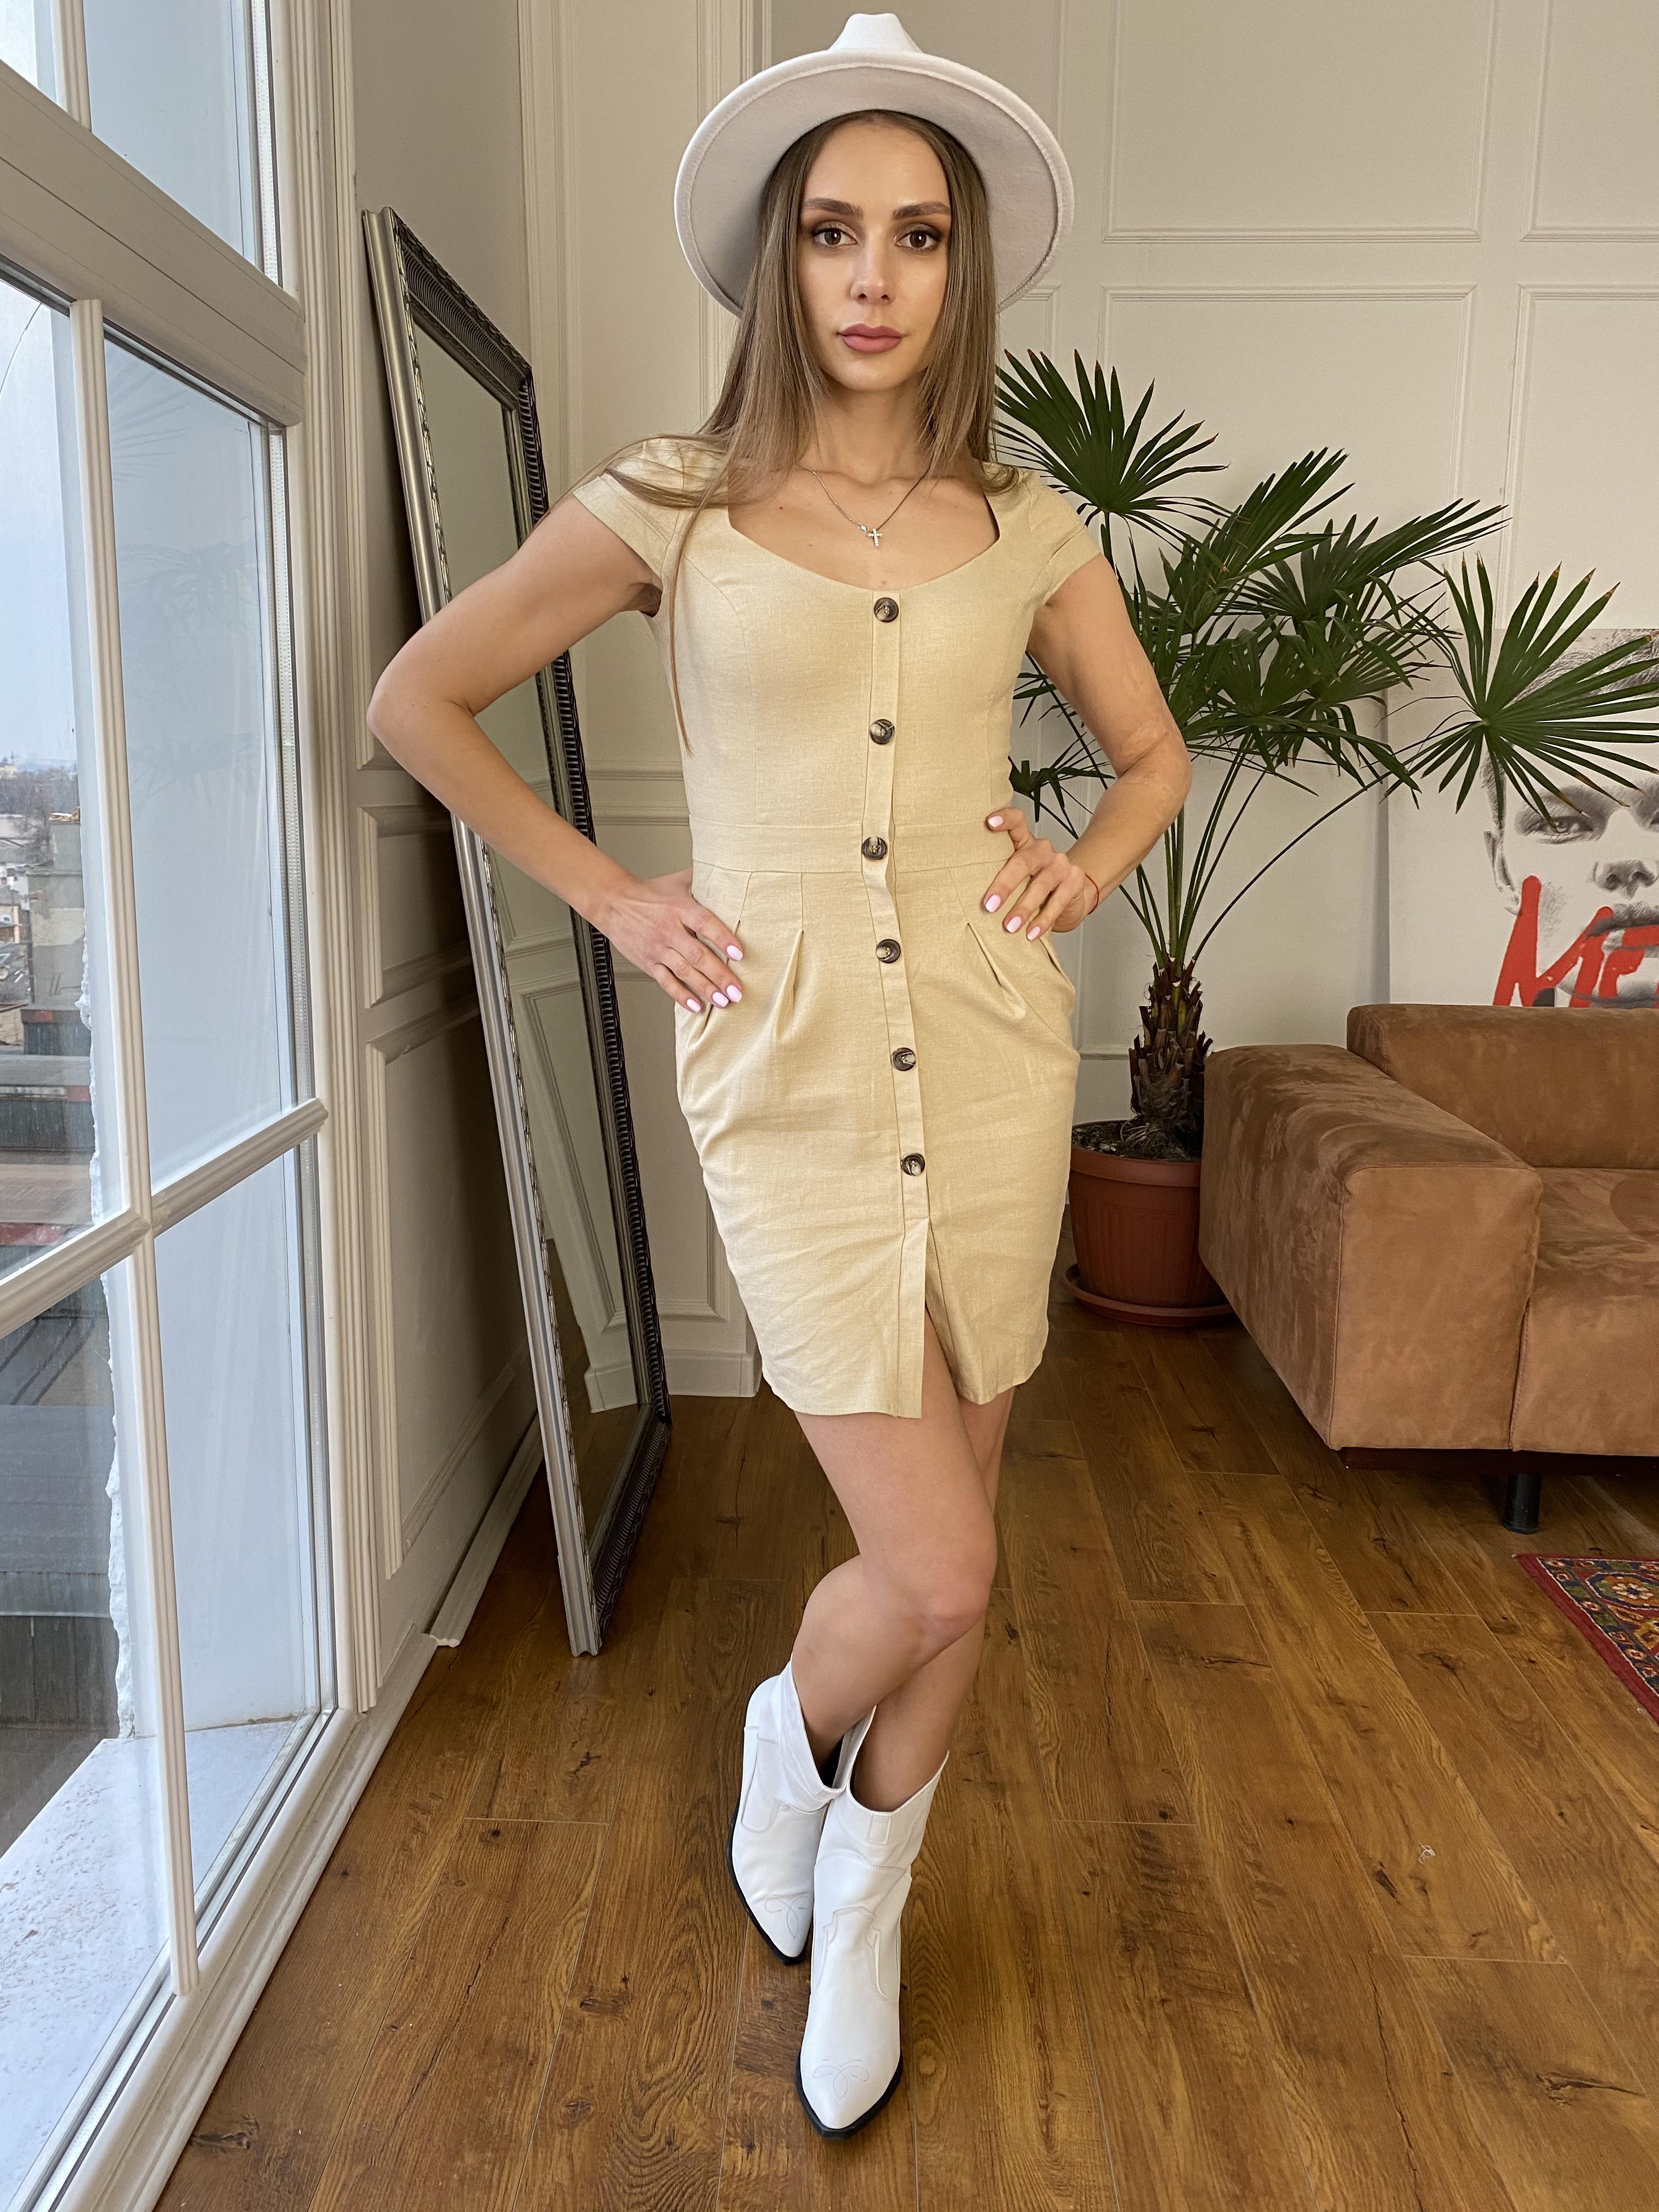 Марсель платье мини из льна  стрейч 9400 АРТ. 45754 Цвет: Бежевый - фото 6, интернет магазин tm-modus.ru